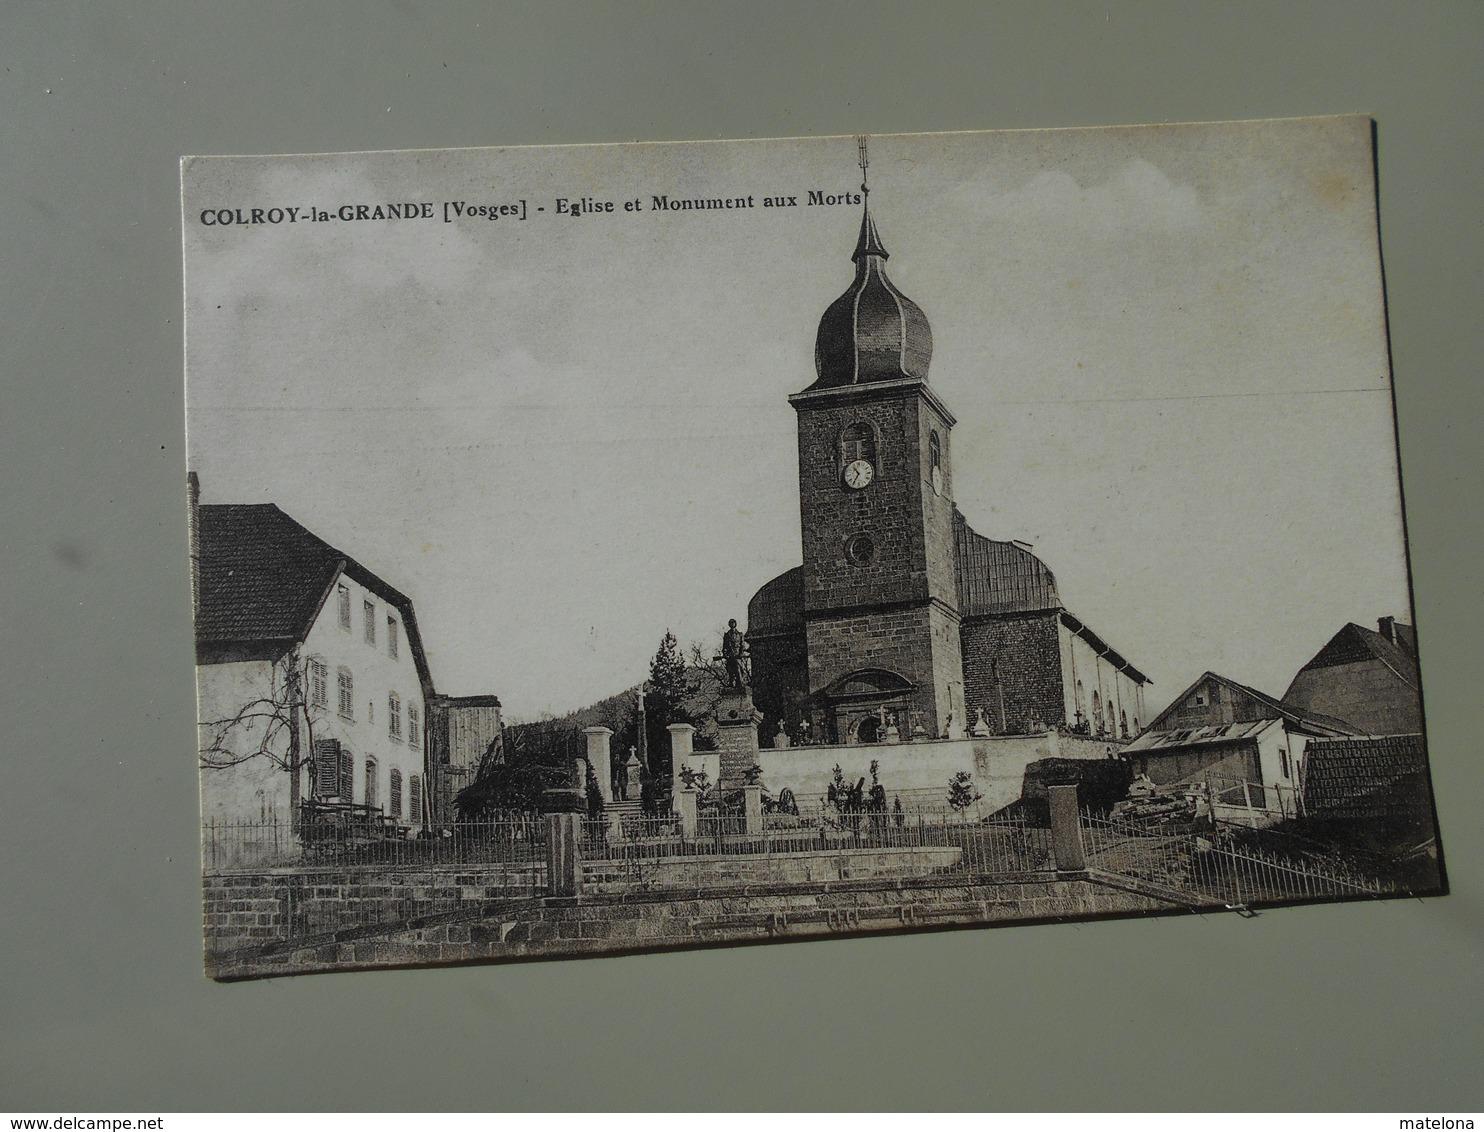 VOSGES COLROY LA GRANDE EGLISE ET MONUMENT AUX MORTS - Colroy La Grande